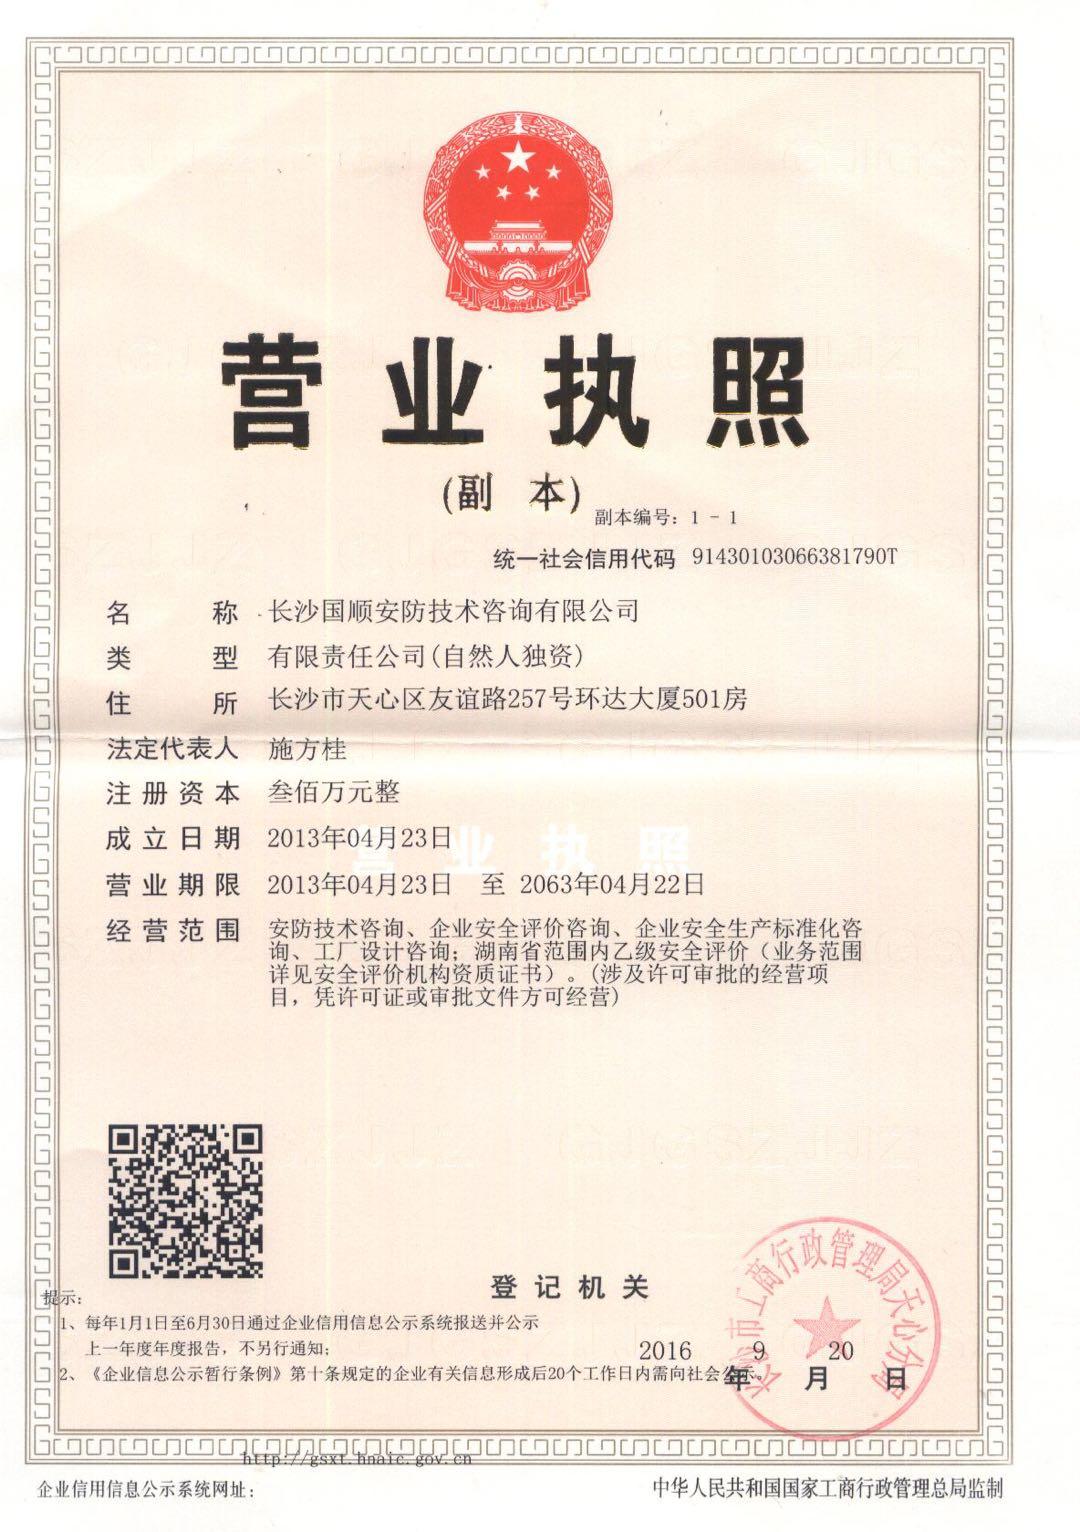 湖南国顺安防技术咨询有限公司